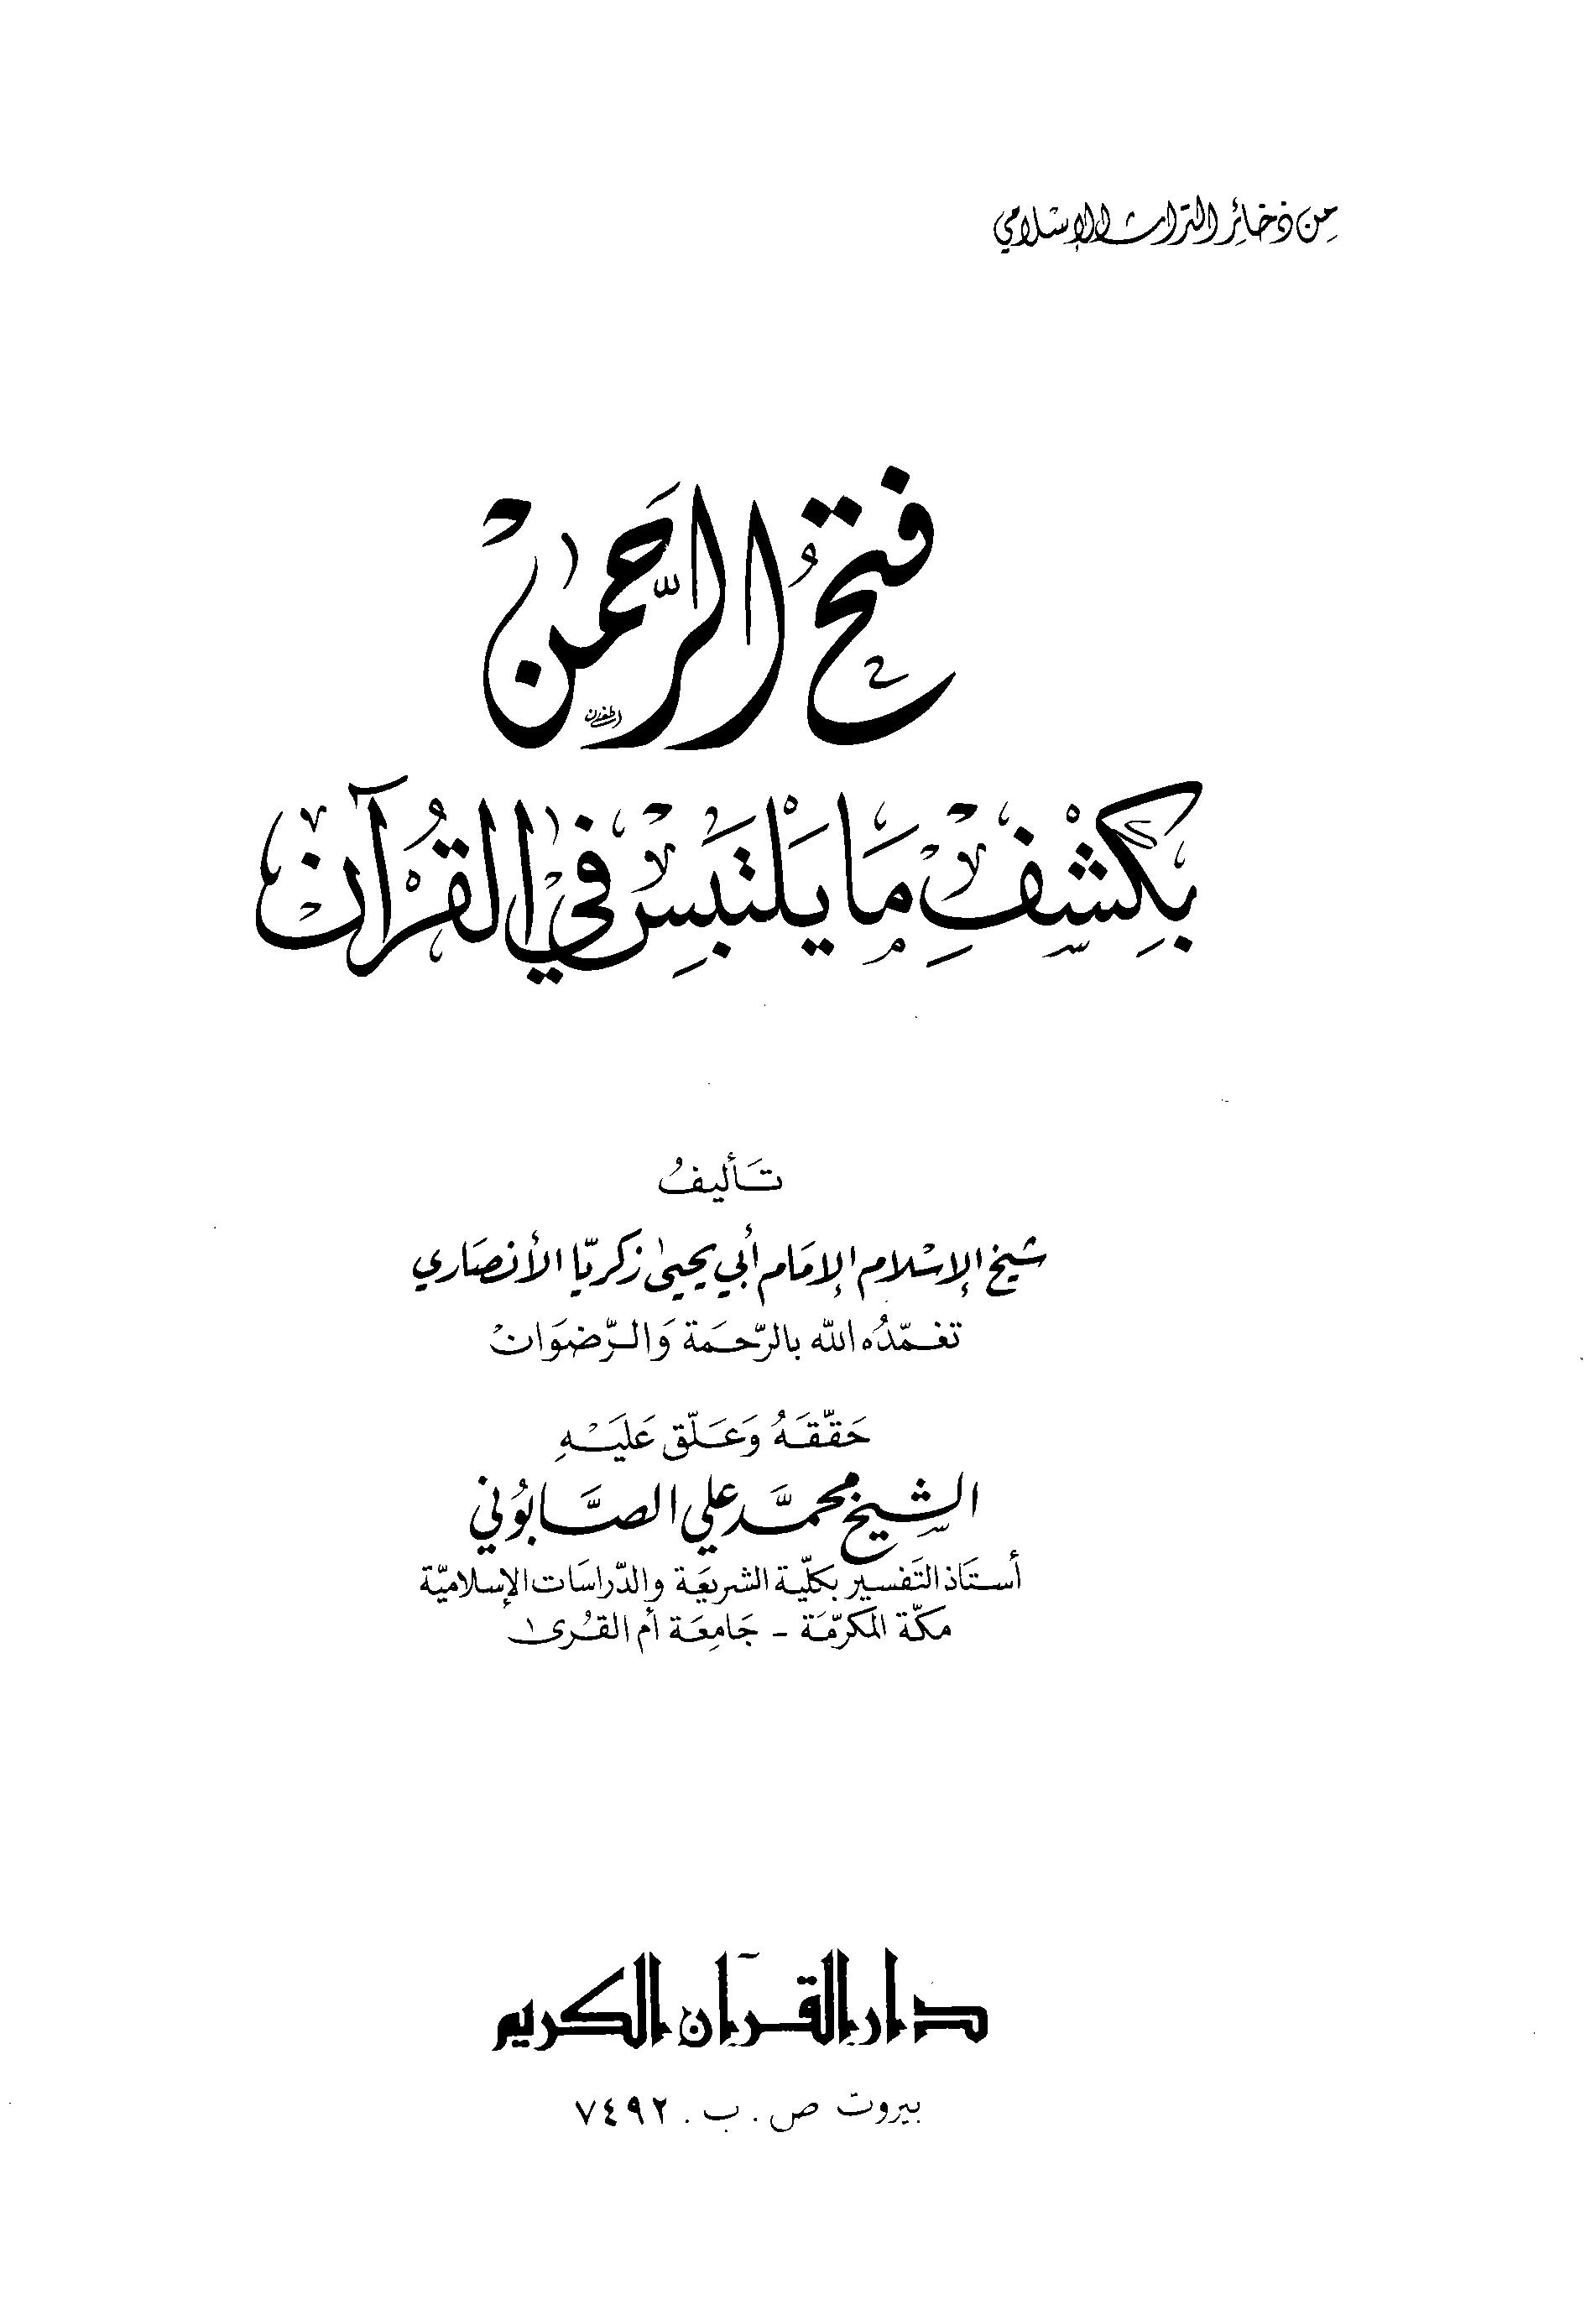 تحميل كتاب فتح الرحمن بكشف ما يلتبس في القرآن لـِ: أبو يحيى زكريا الأنصاري